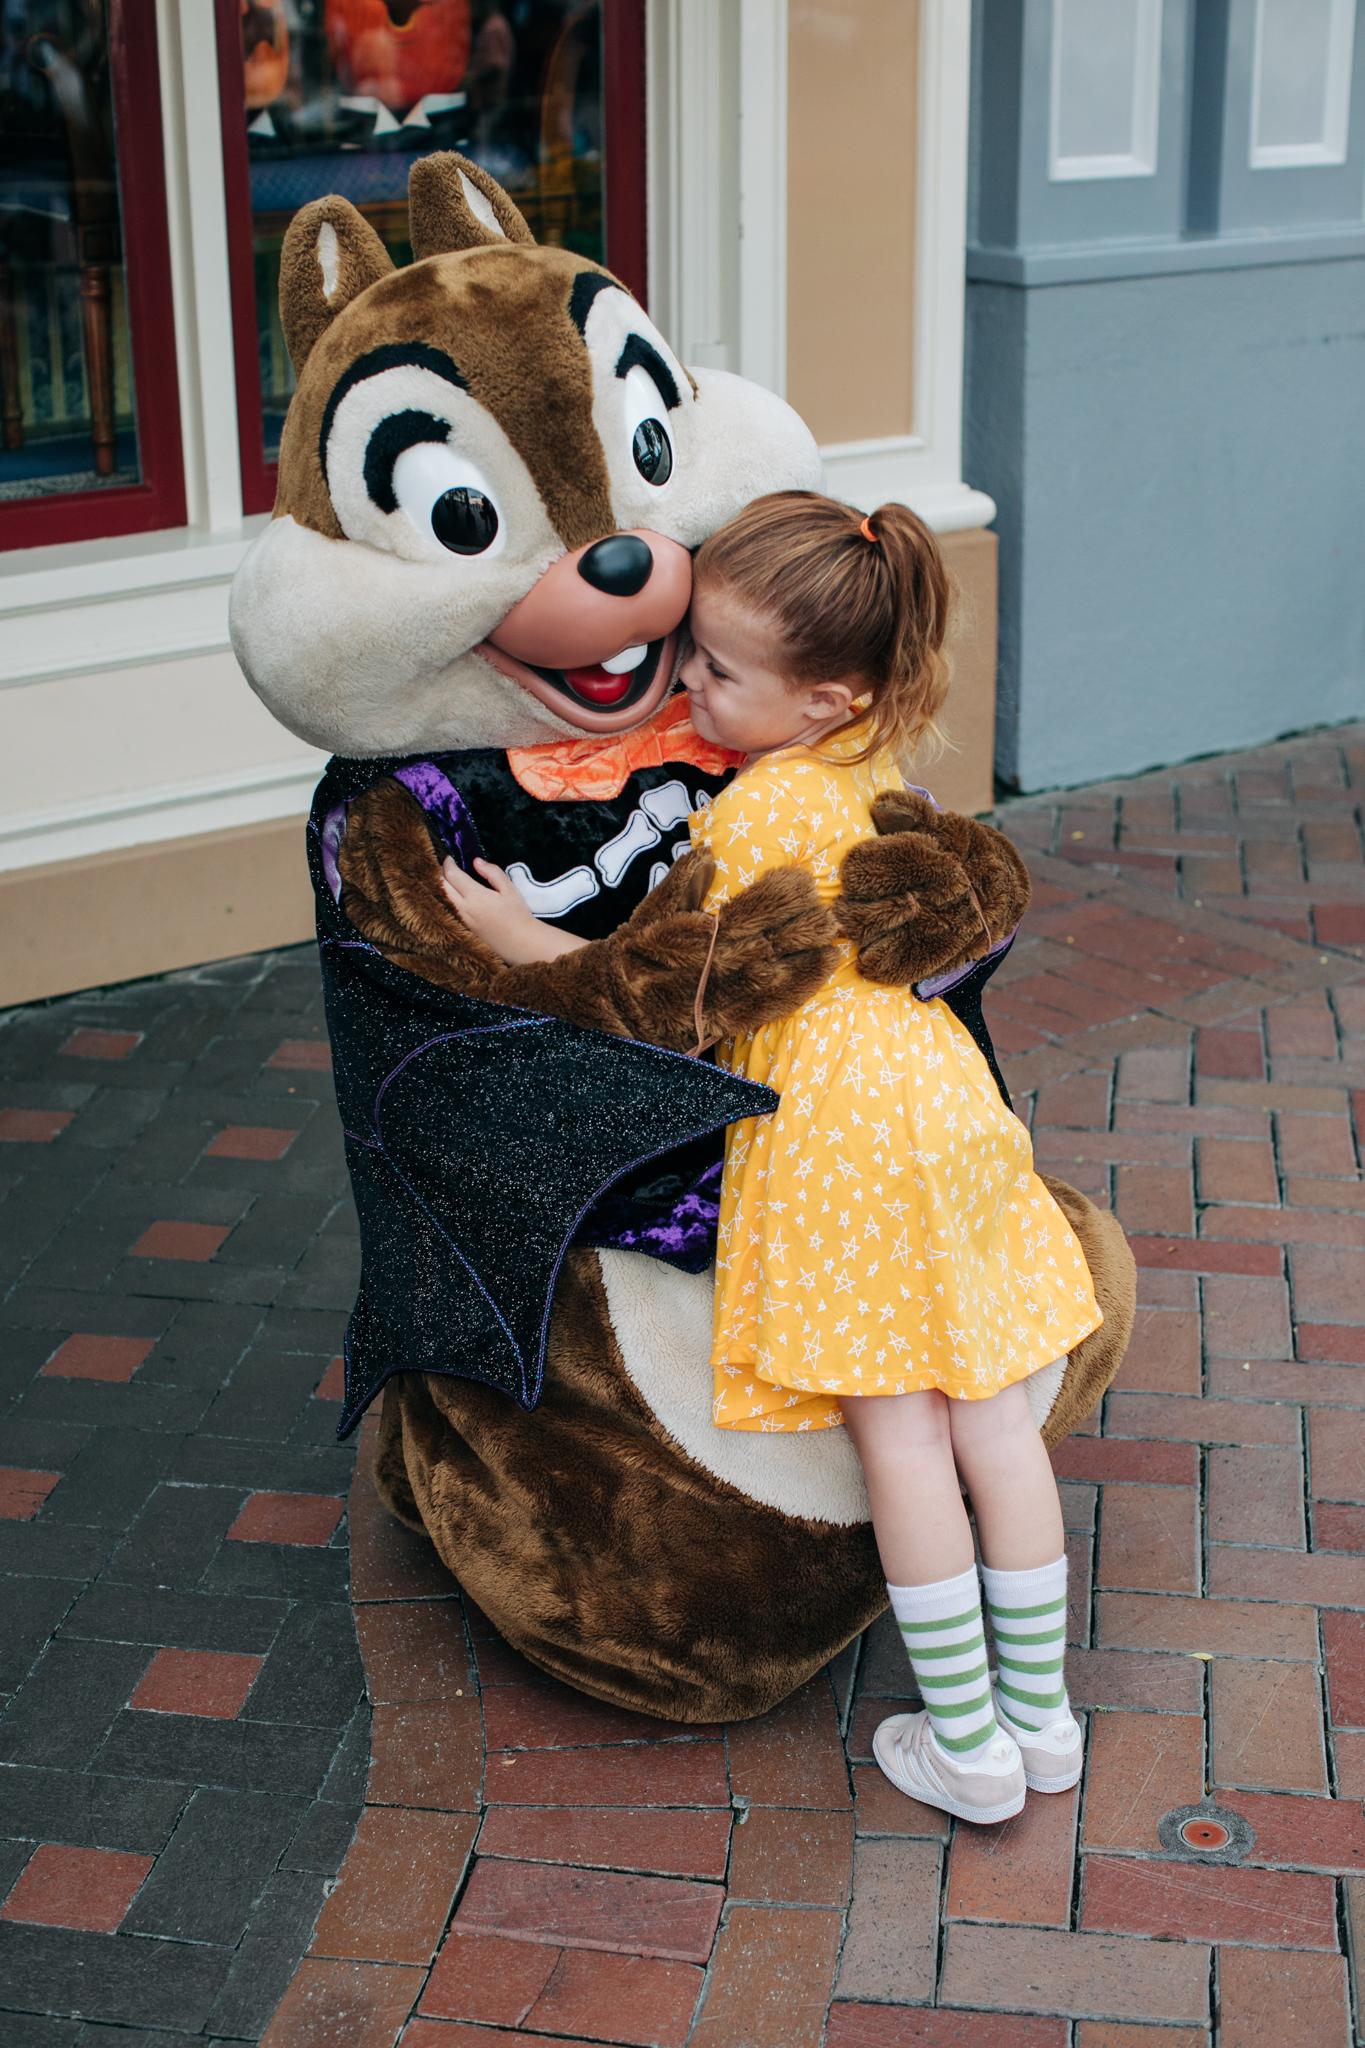 BabyBoyBakery_Disneyland_LilyRo-3.jpg